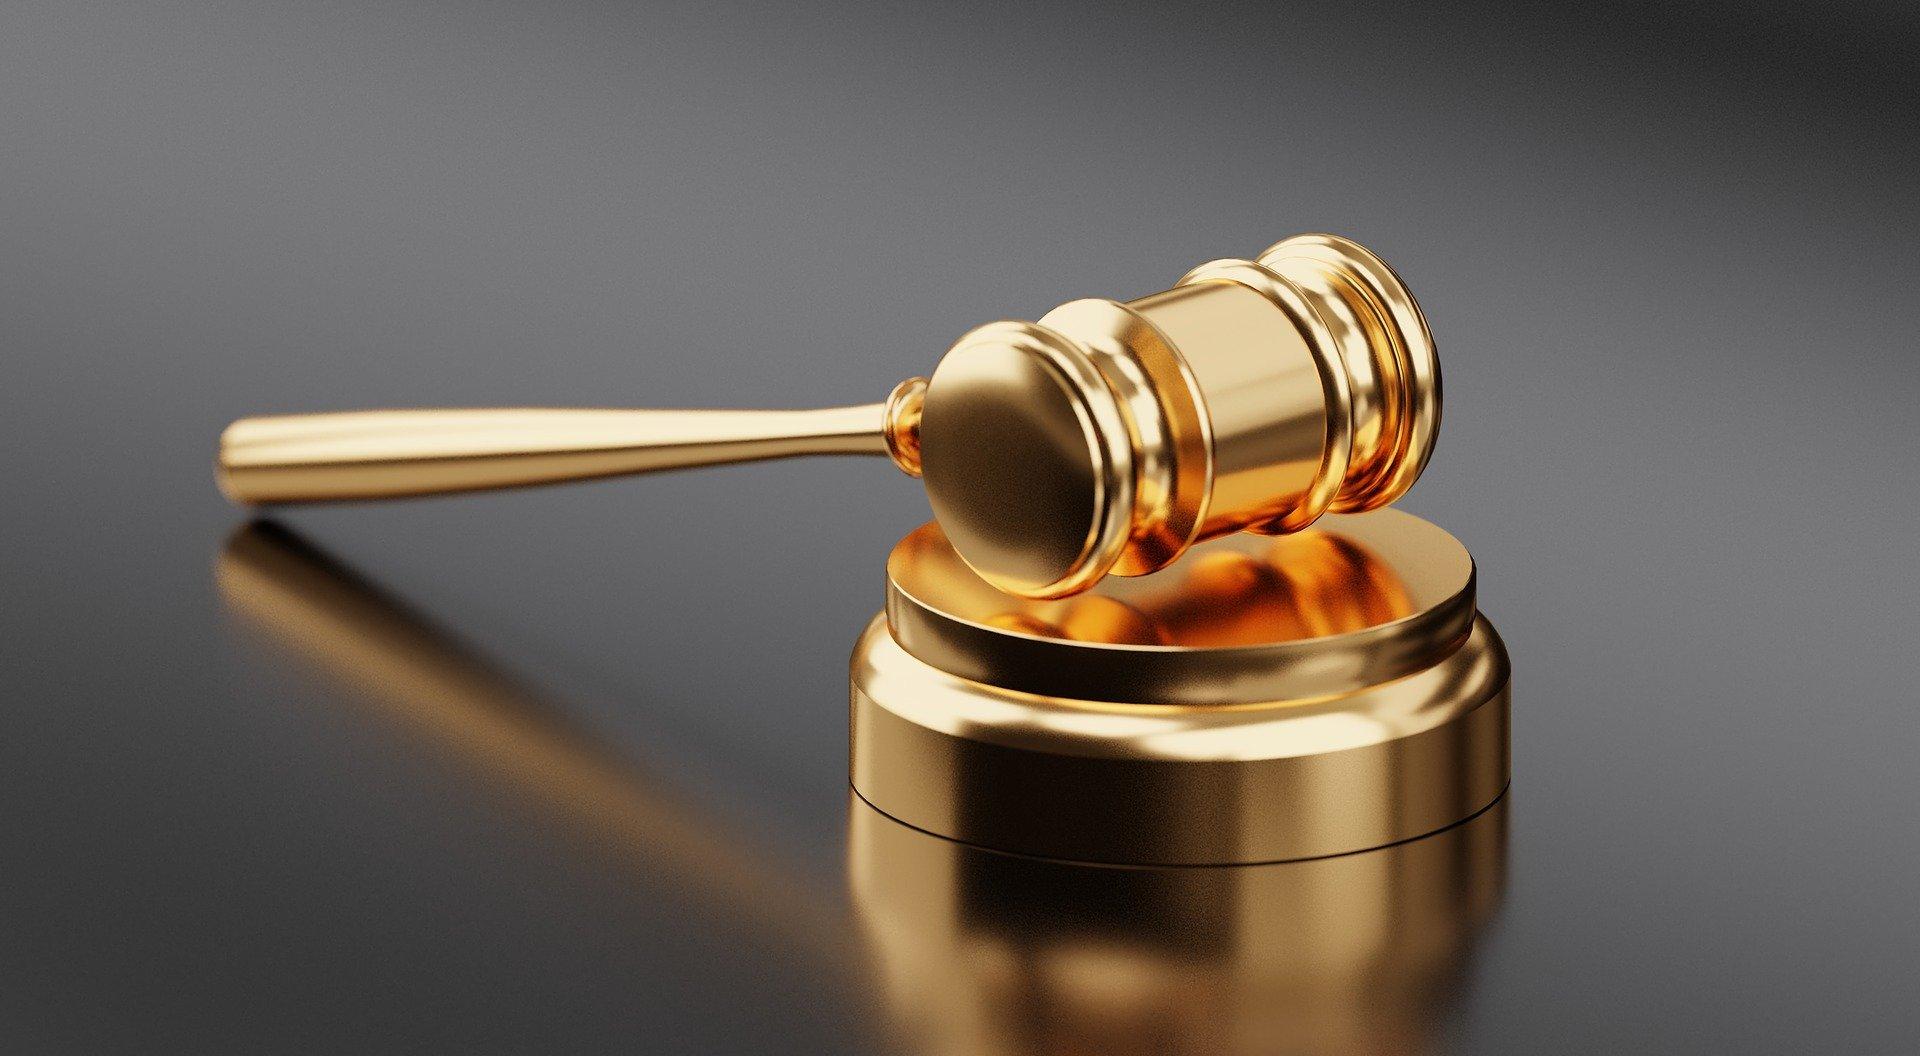 Martillo de juicio dorado insolvencia económica